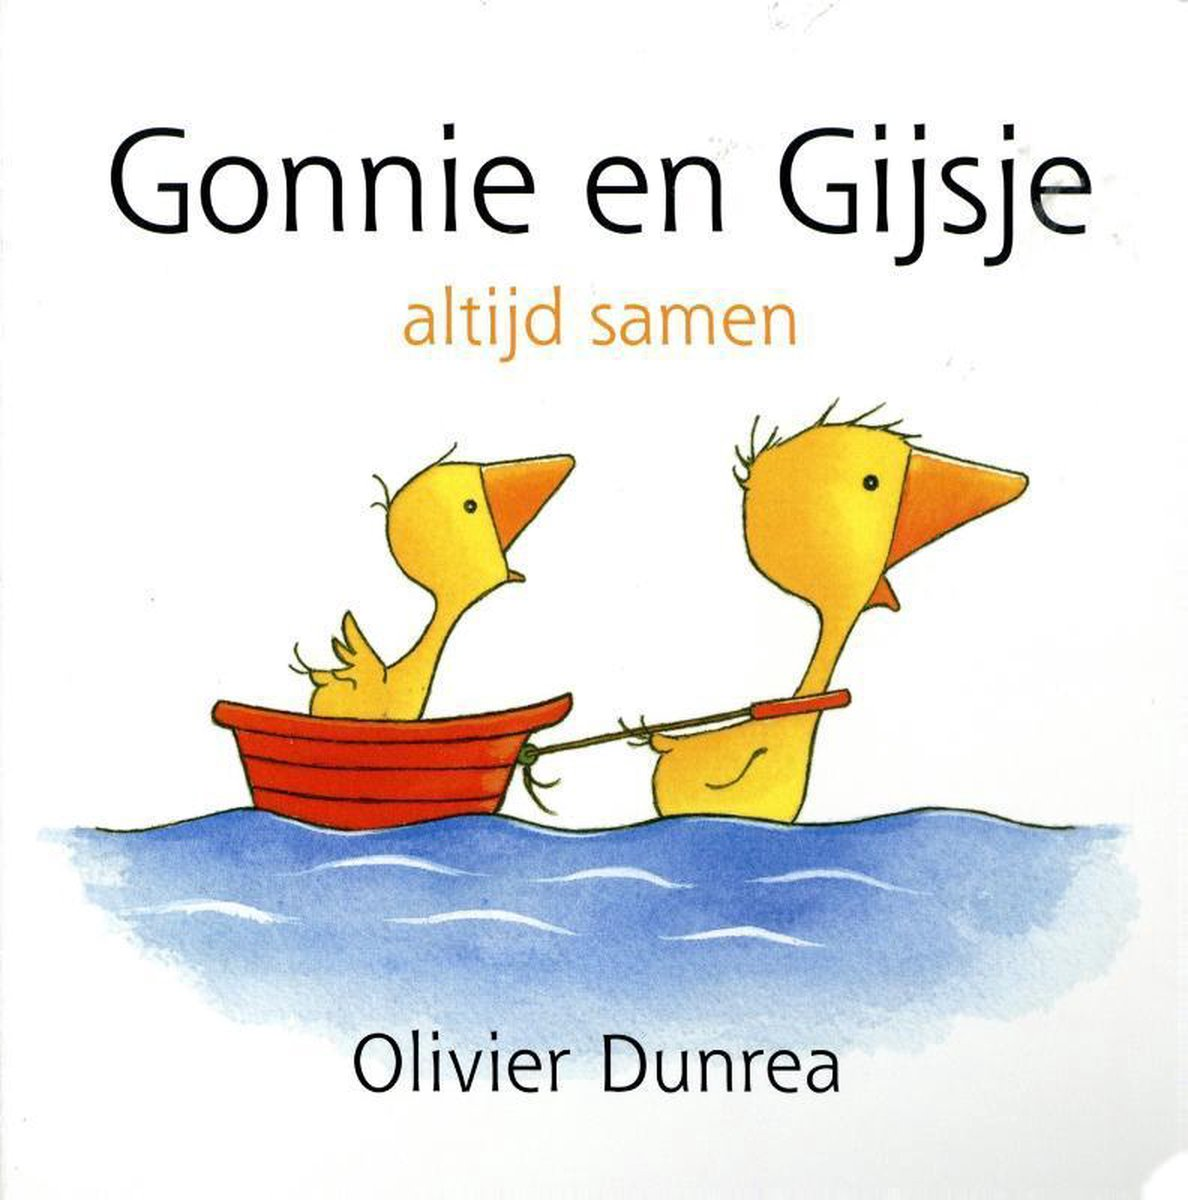 Gonnie en Gijsje: altijd samen